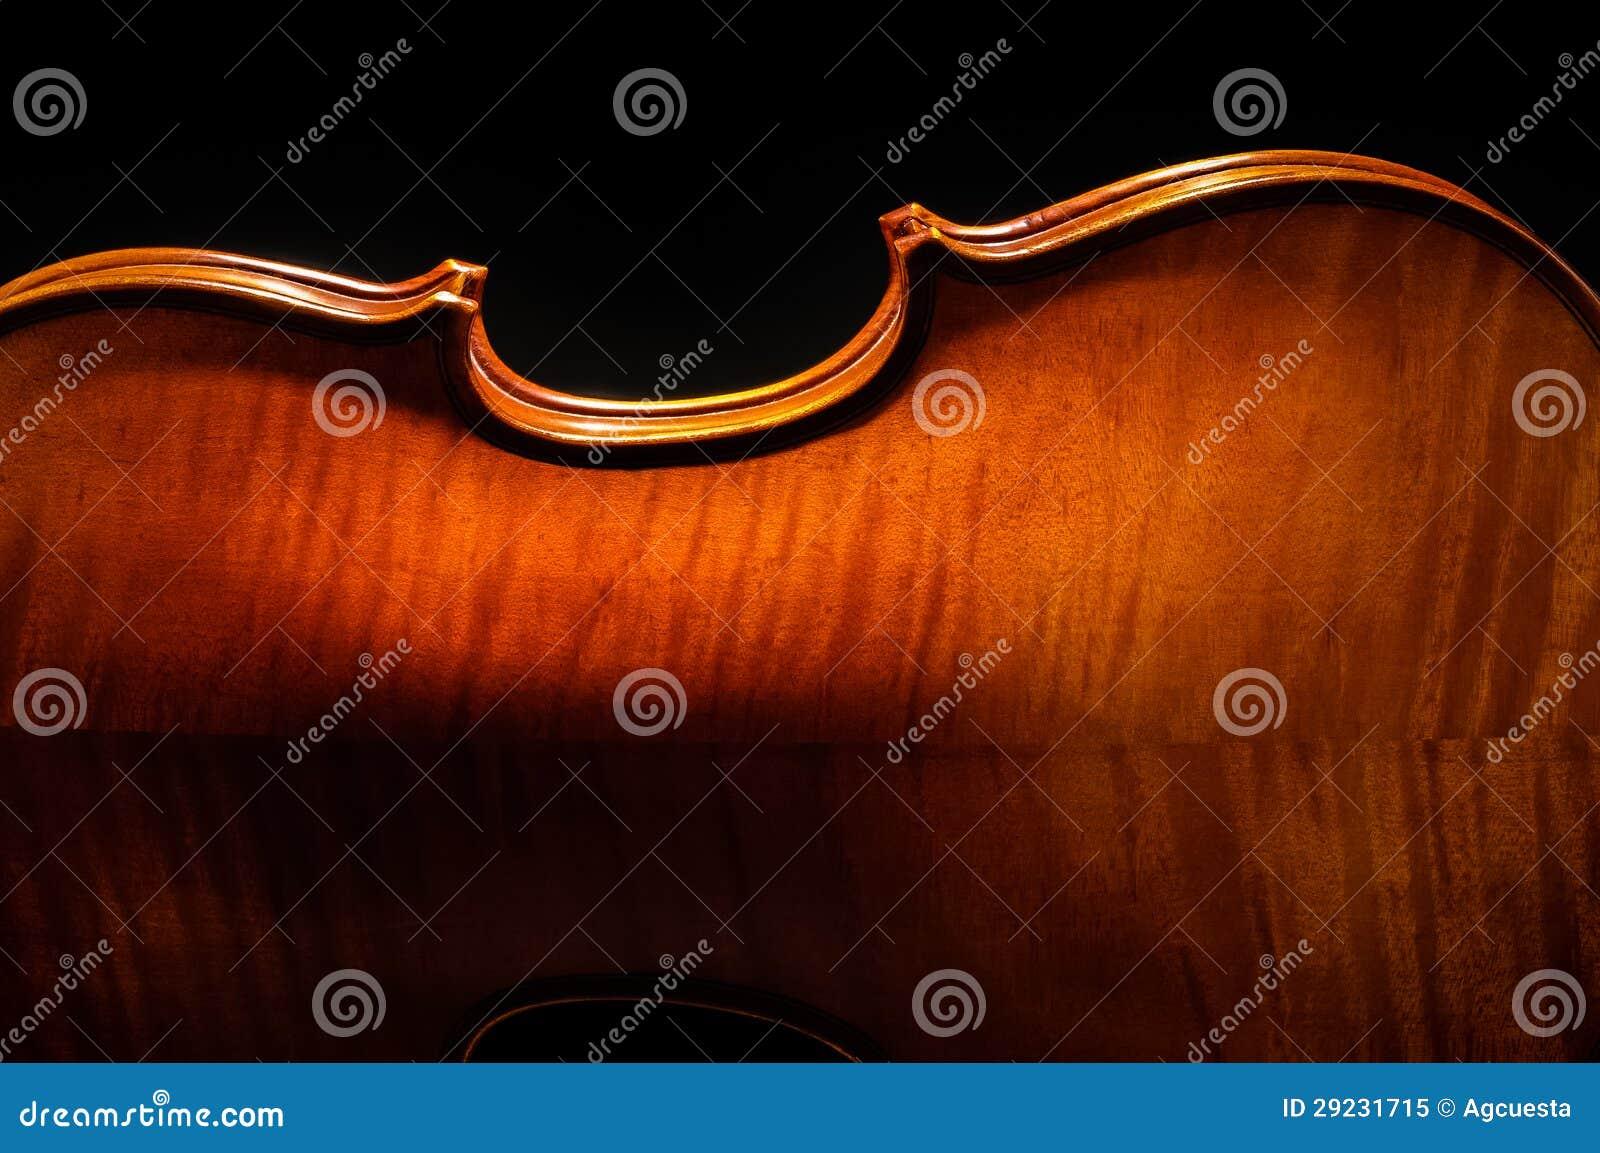 播种的小提琴背面图